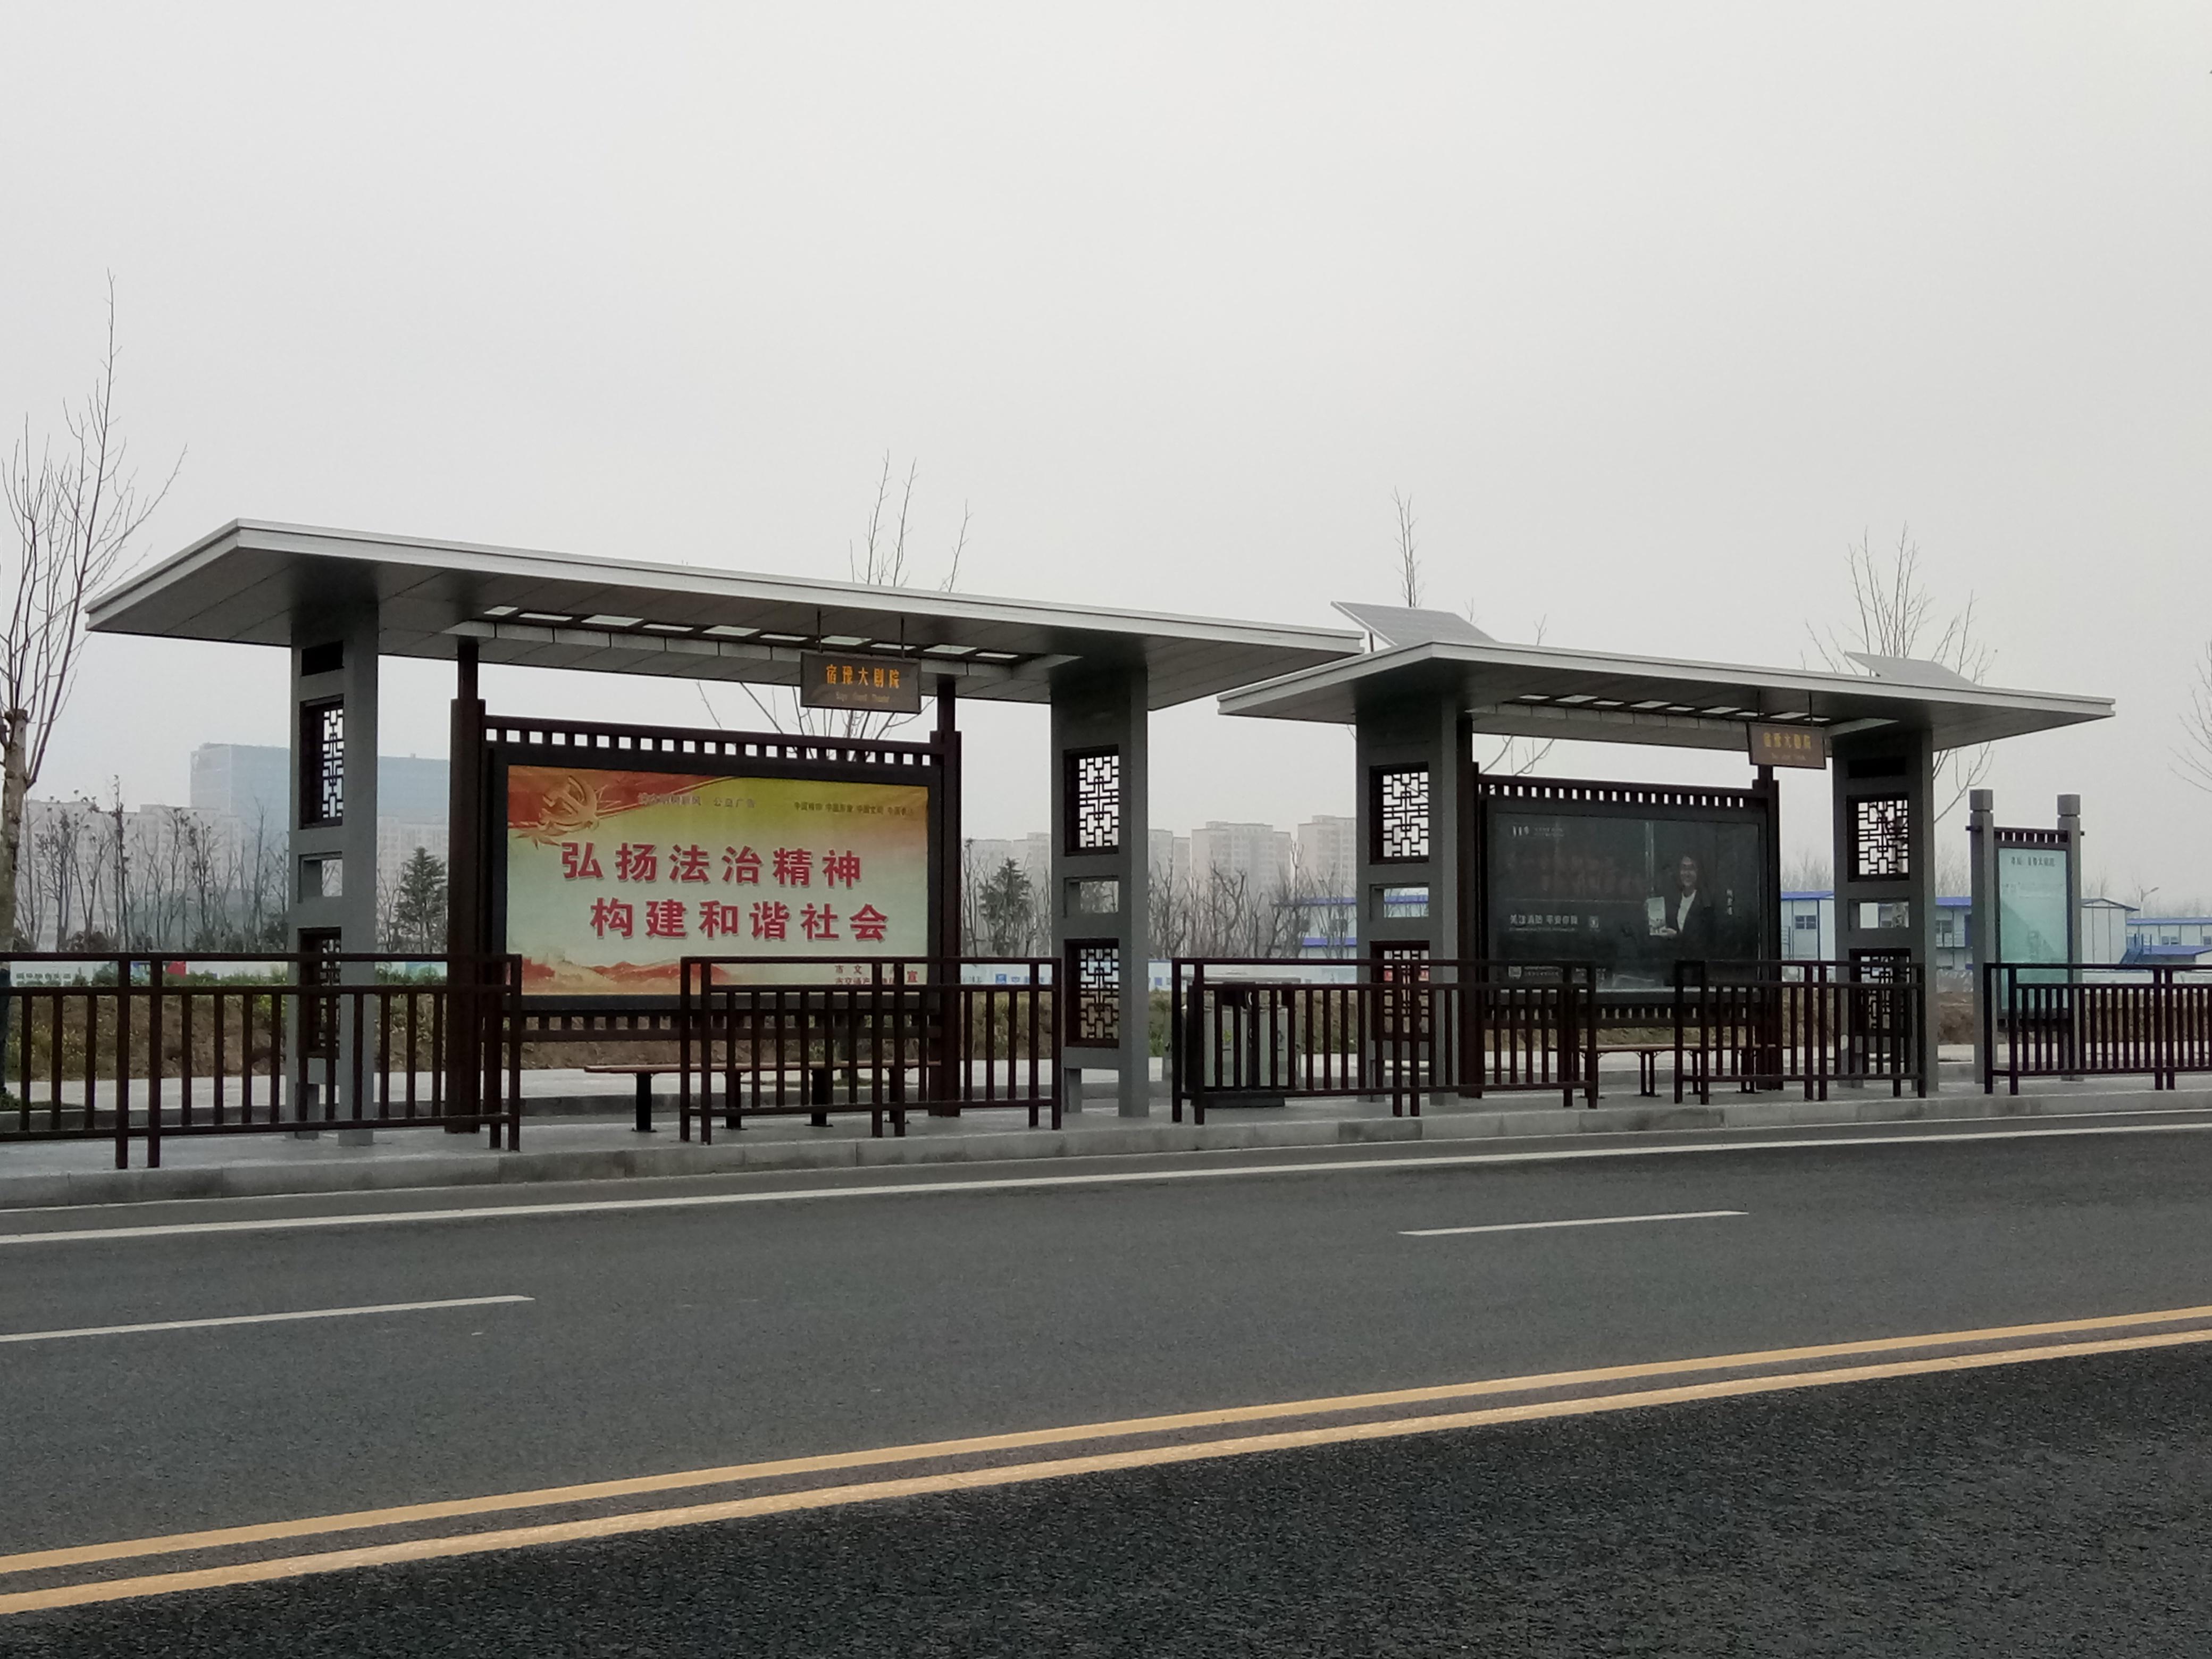 安徽淮北候车亭垃圾箱,广告宣传栏阅报栏